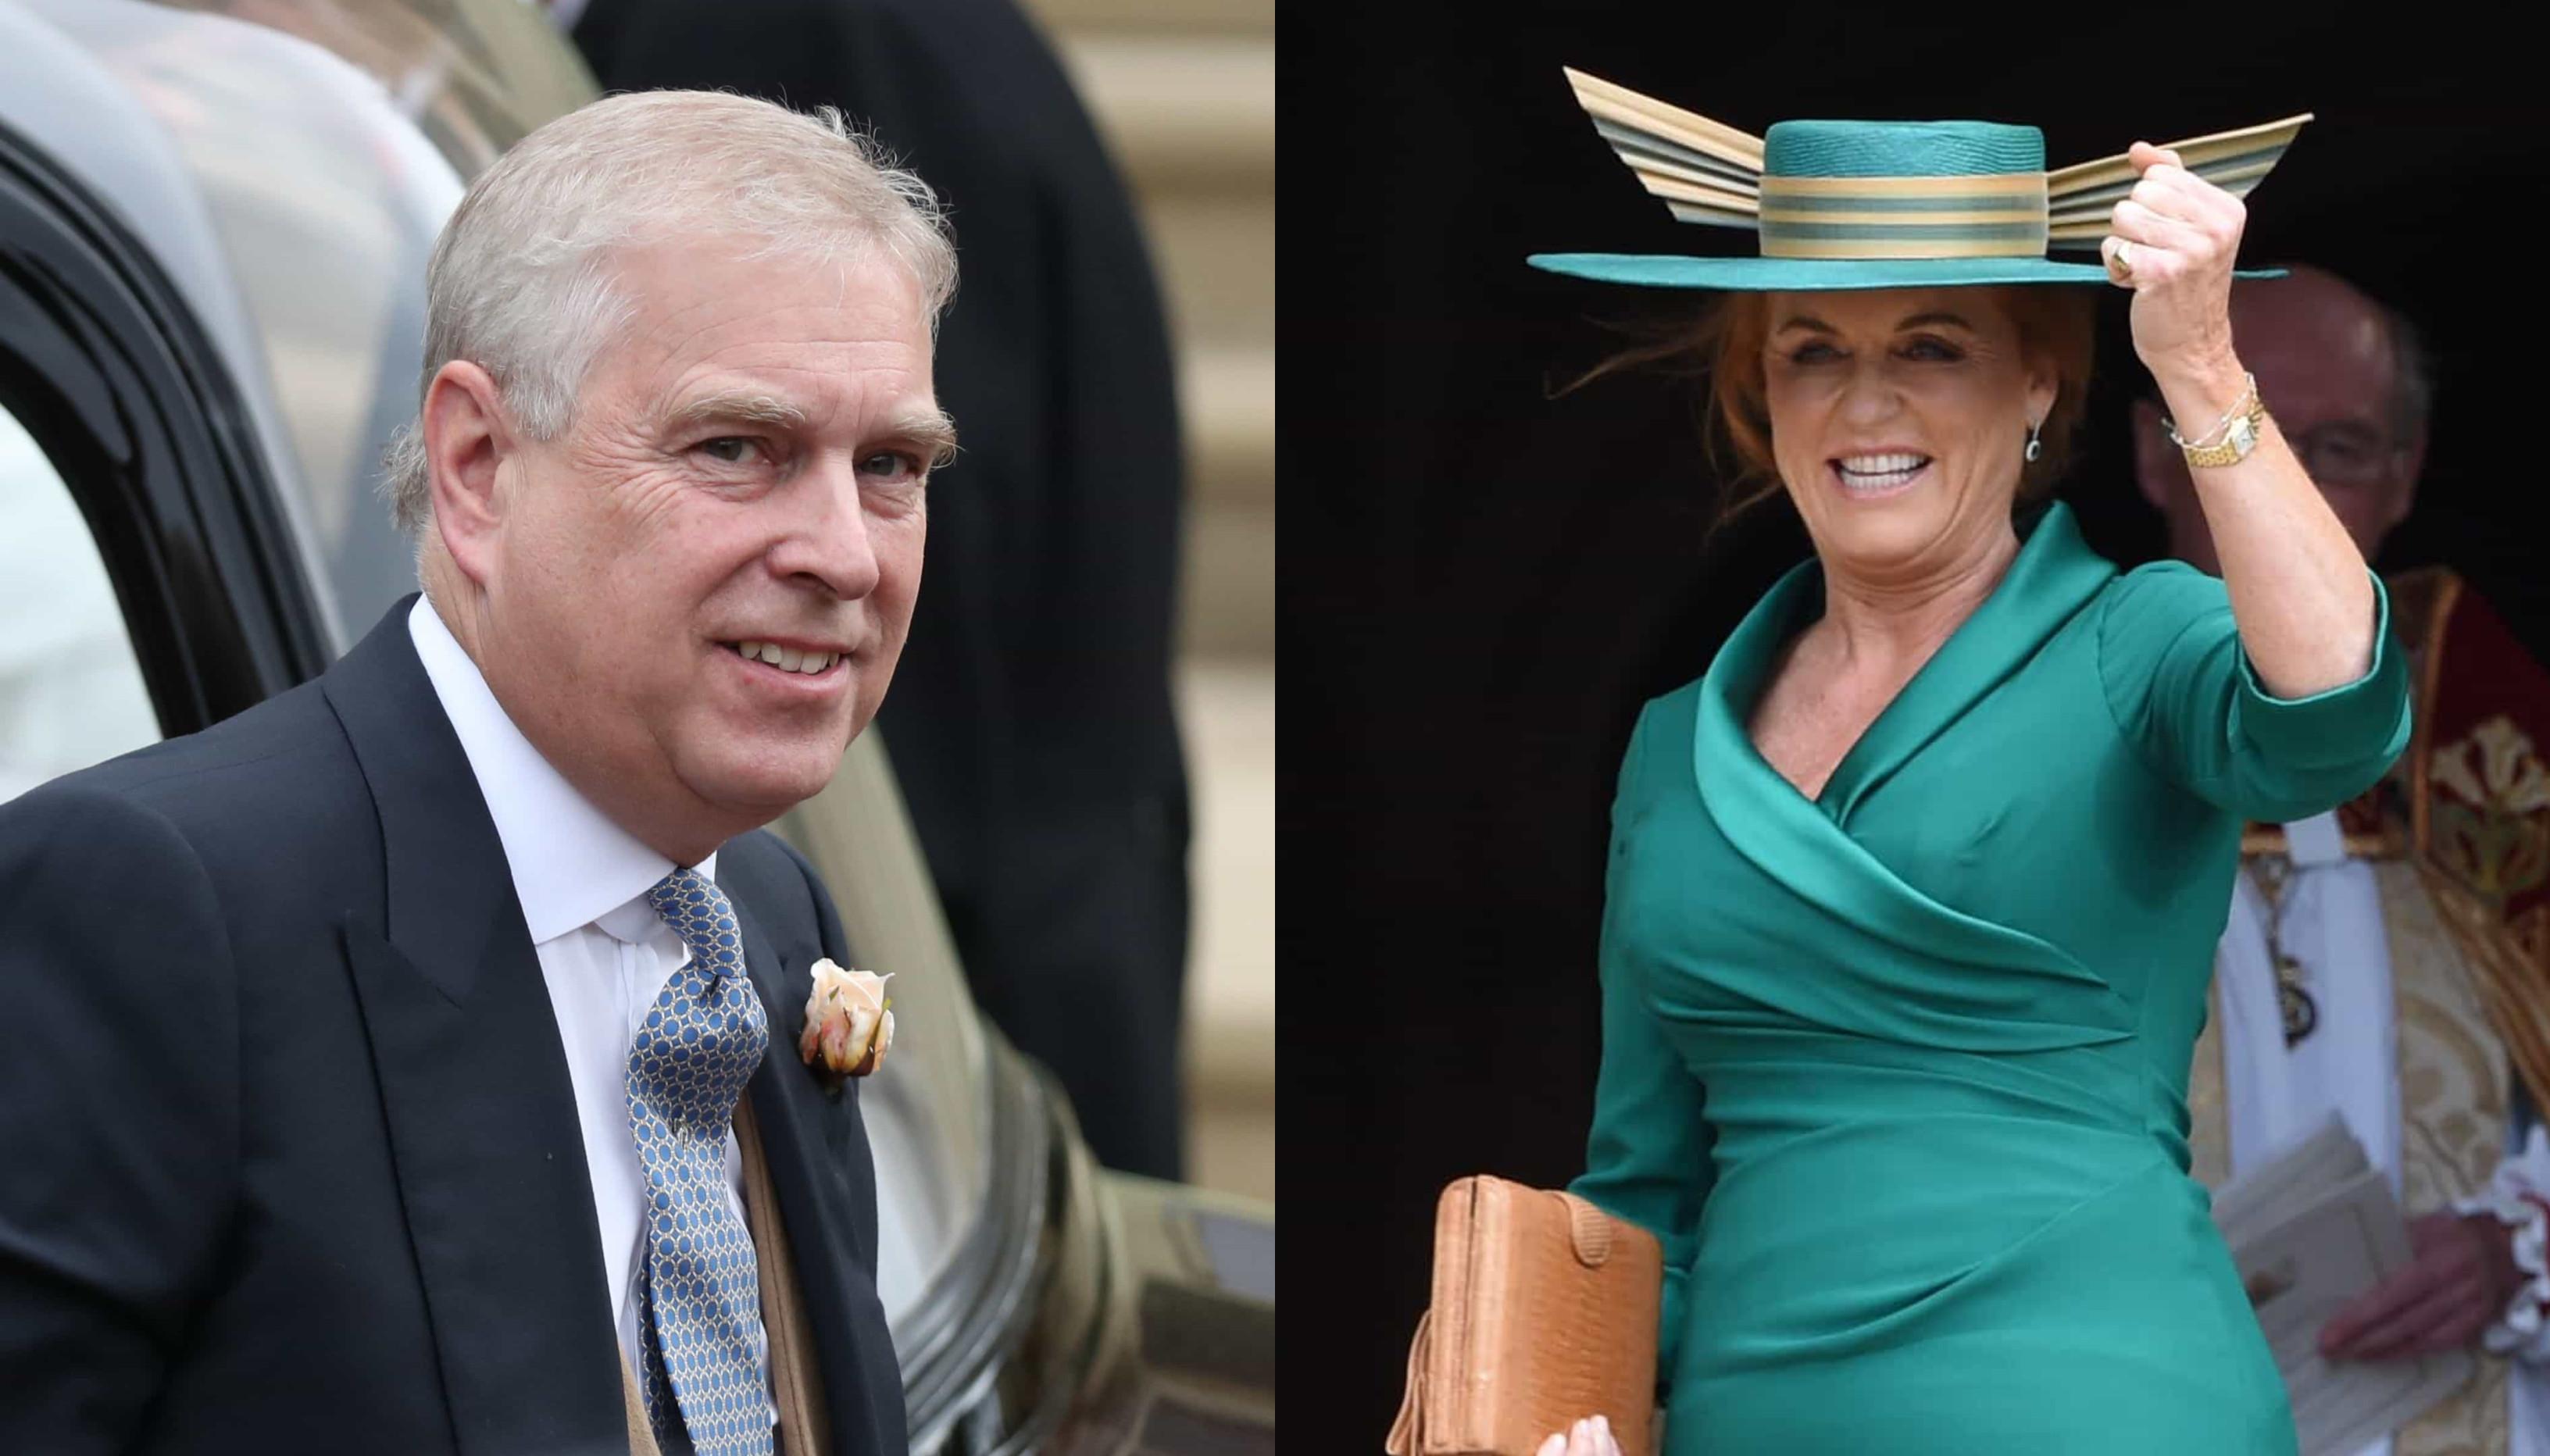 Príncipe Andrew e Sarah Ferguson não estão juntos de novo